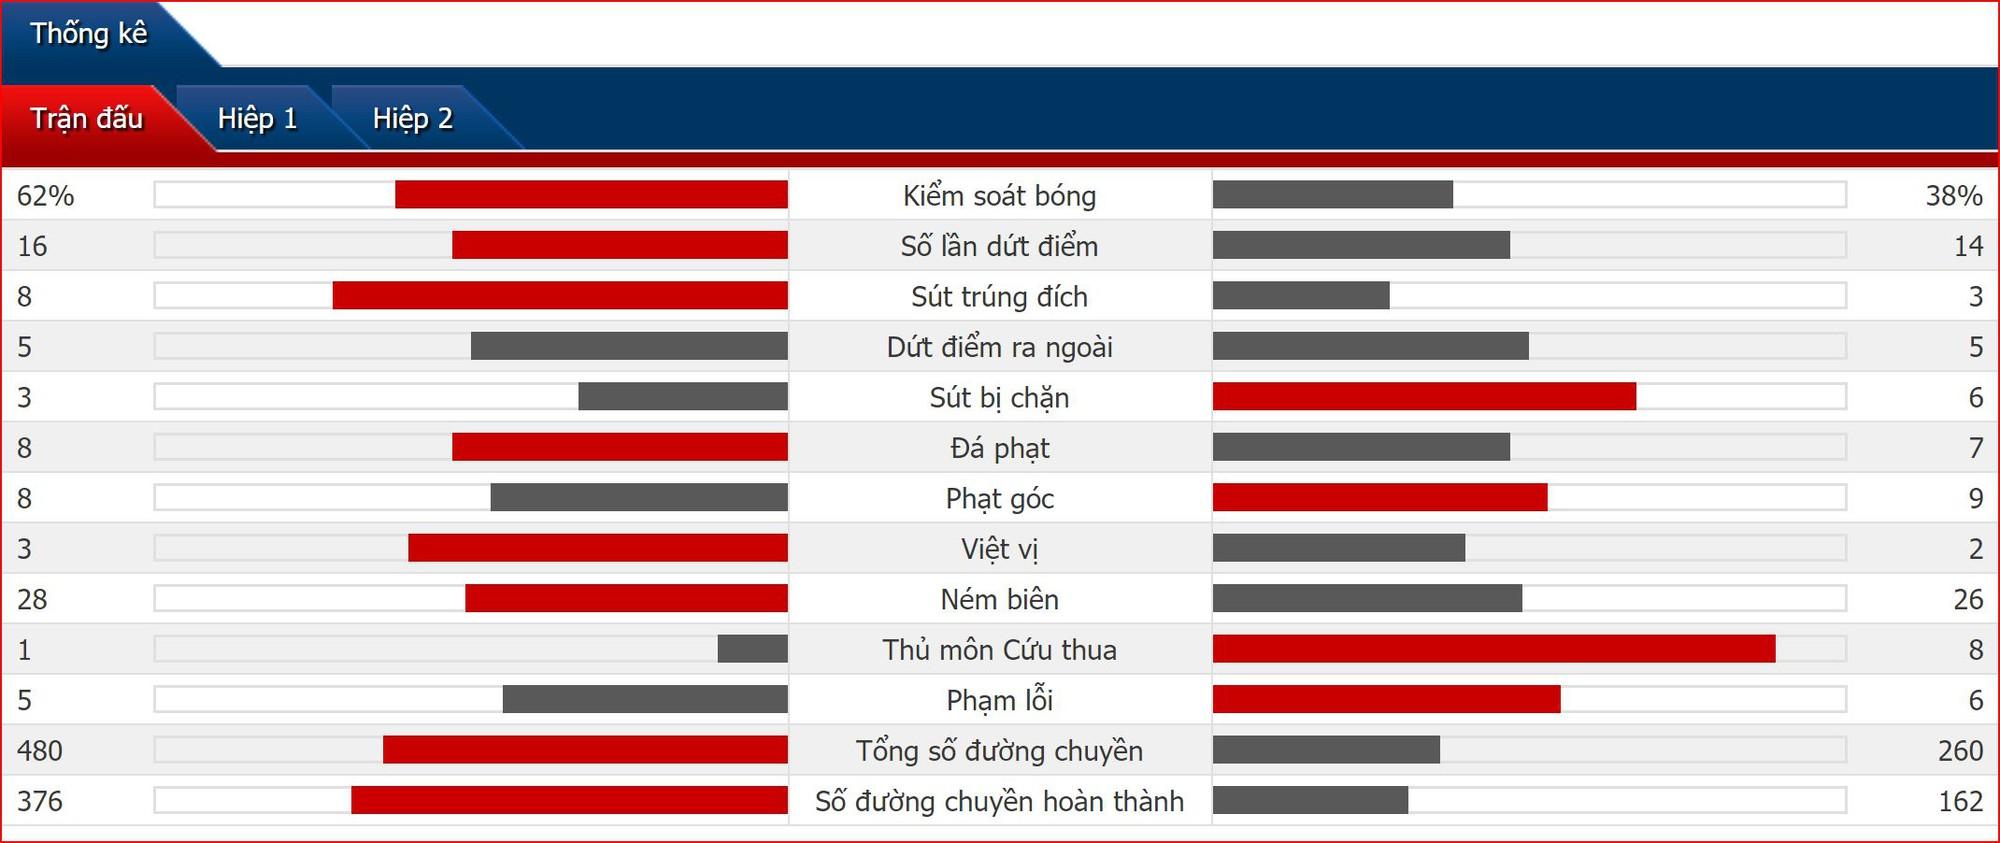 Salah tỏa sáng, Son Heung Min và Kane im tiếng, Liverpool đánh bại Tottenham để lên đỉnh châu Âu lần thứ 6 - Ảnh 2.